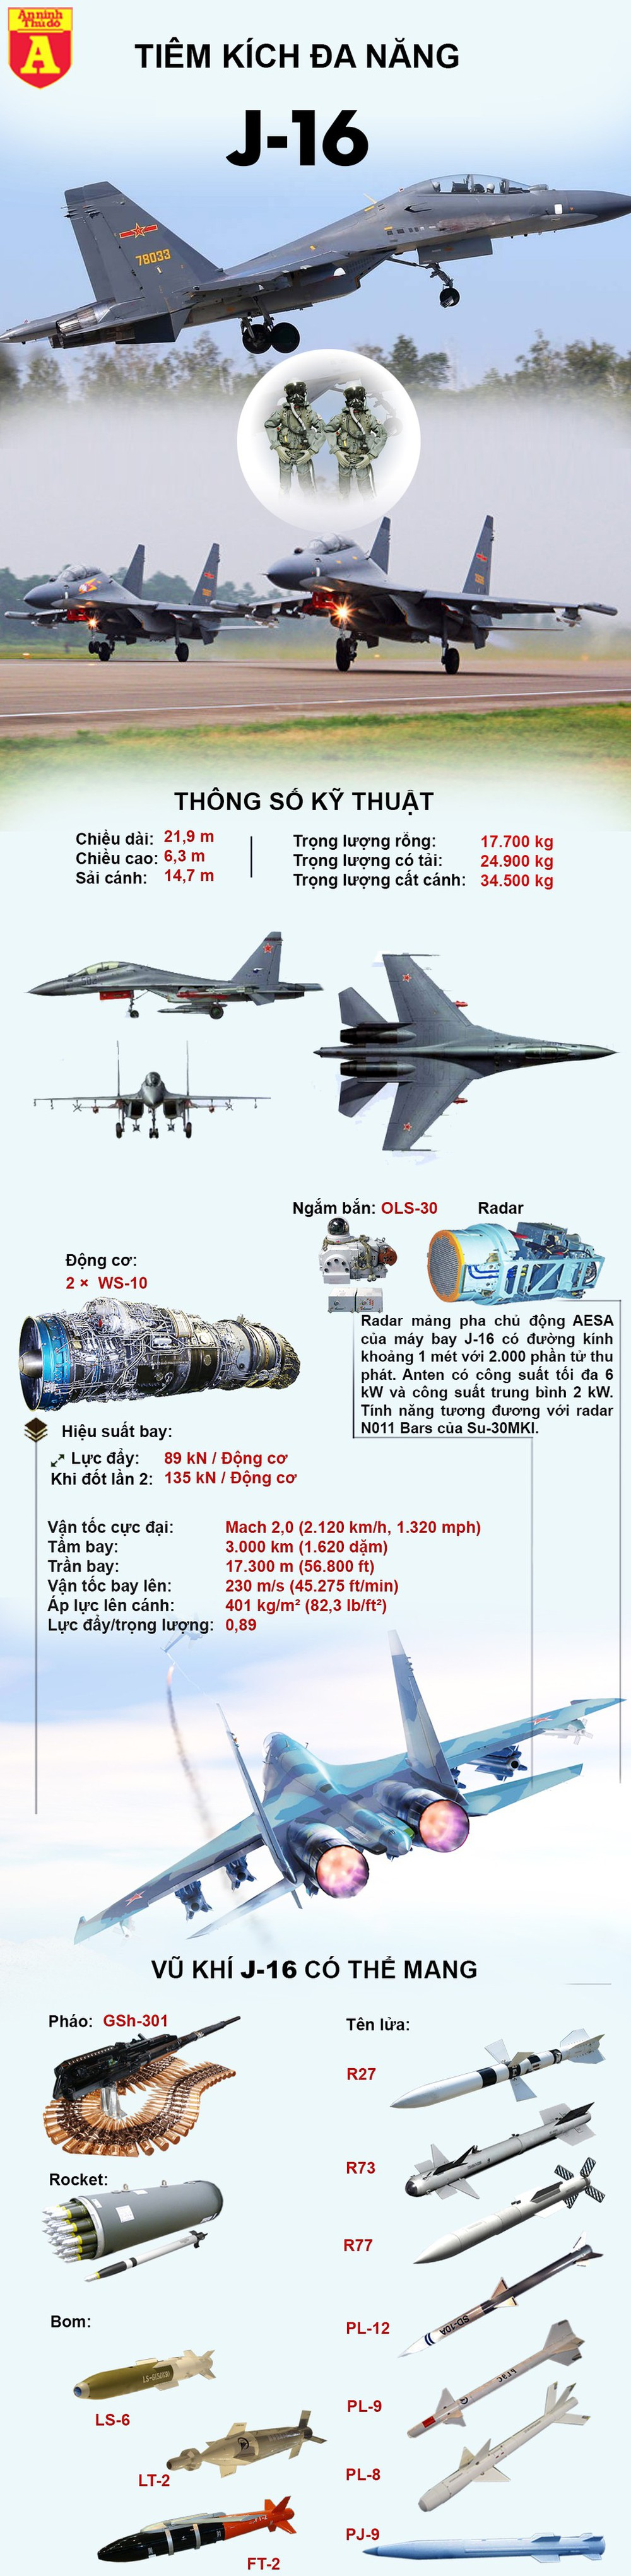 [Info] Chiến đấu cơ Trung Quốc sao chép từ Nga được triển khai đấu với Su-30MKI Ấn Độ ảnh 2